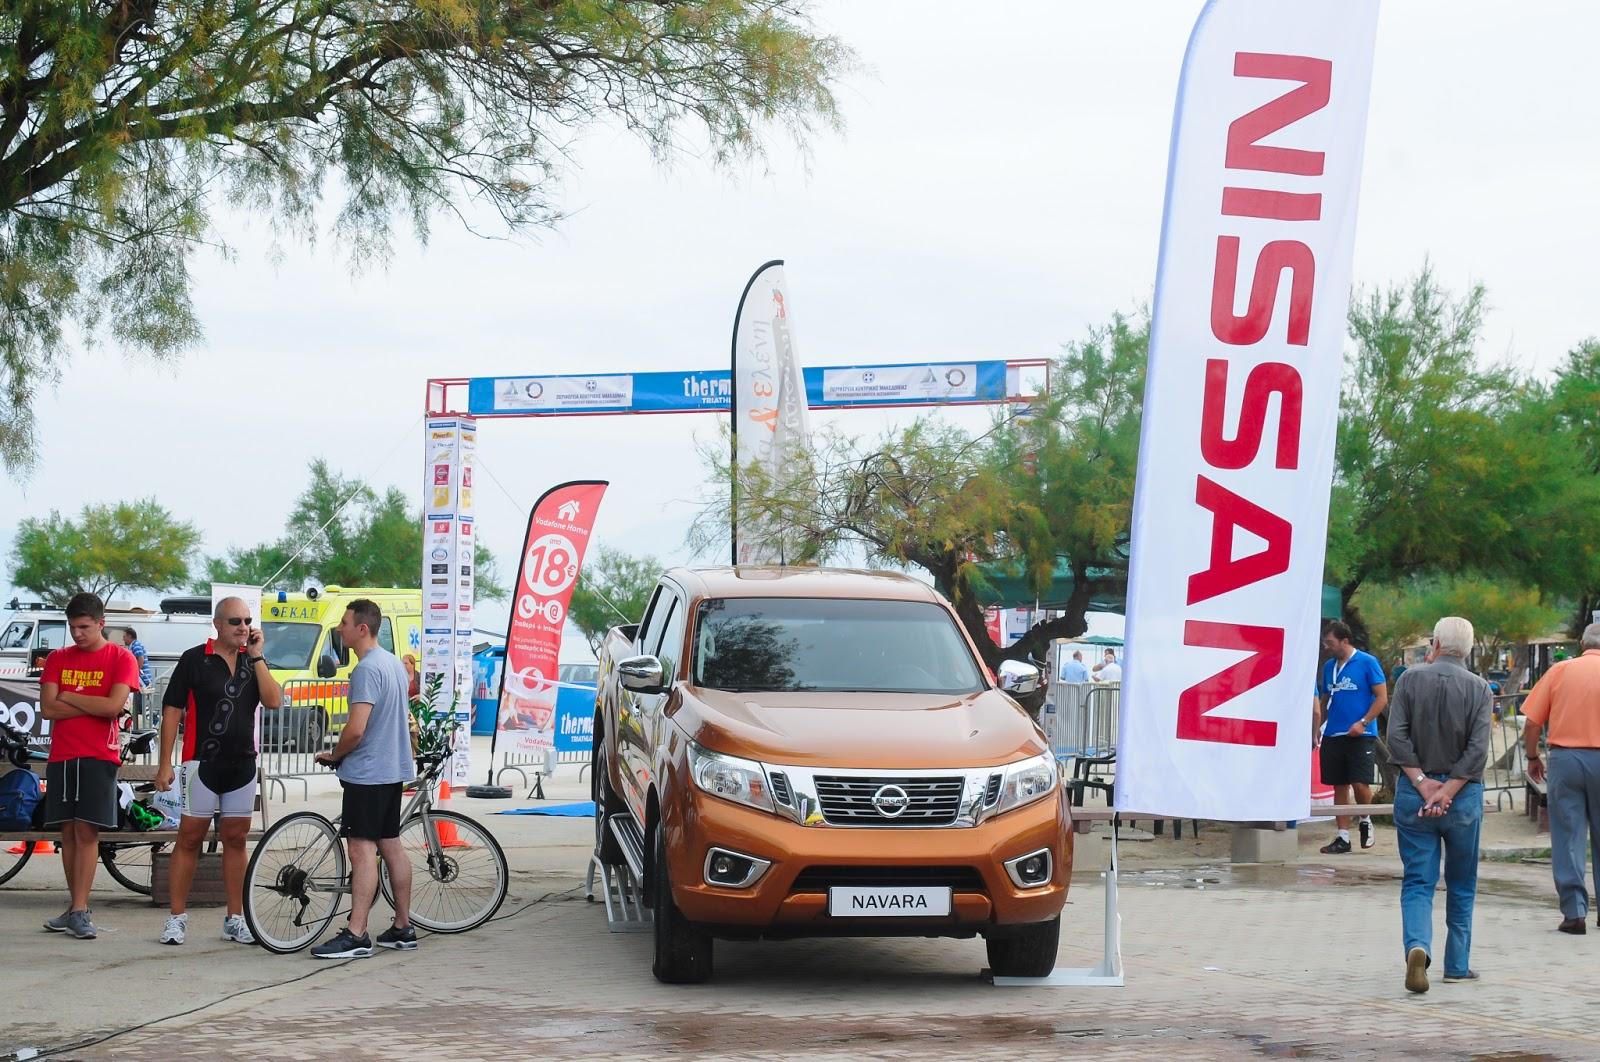 """DSC 55060026 Δυναμική συμμετοχή της Nissan στο """"Θερμαϊκός Τρίαθλο 2016"""" Nissan"""